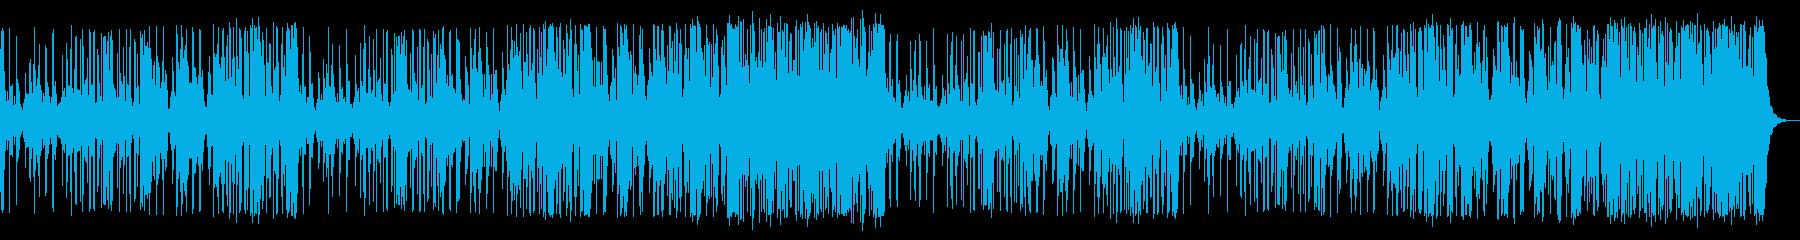 和太鼓が激しく鳴り響くドラミングの再生済みの波形